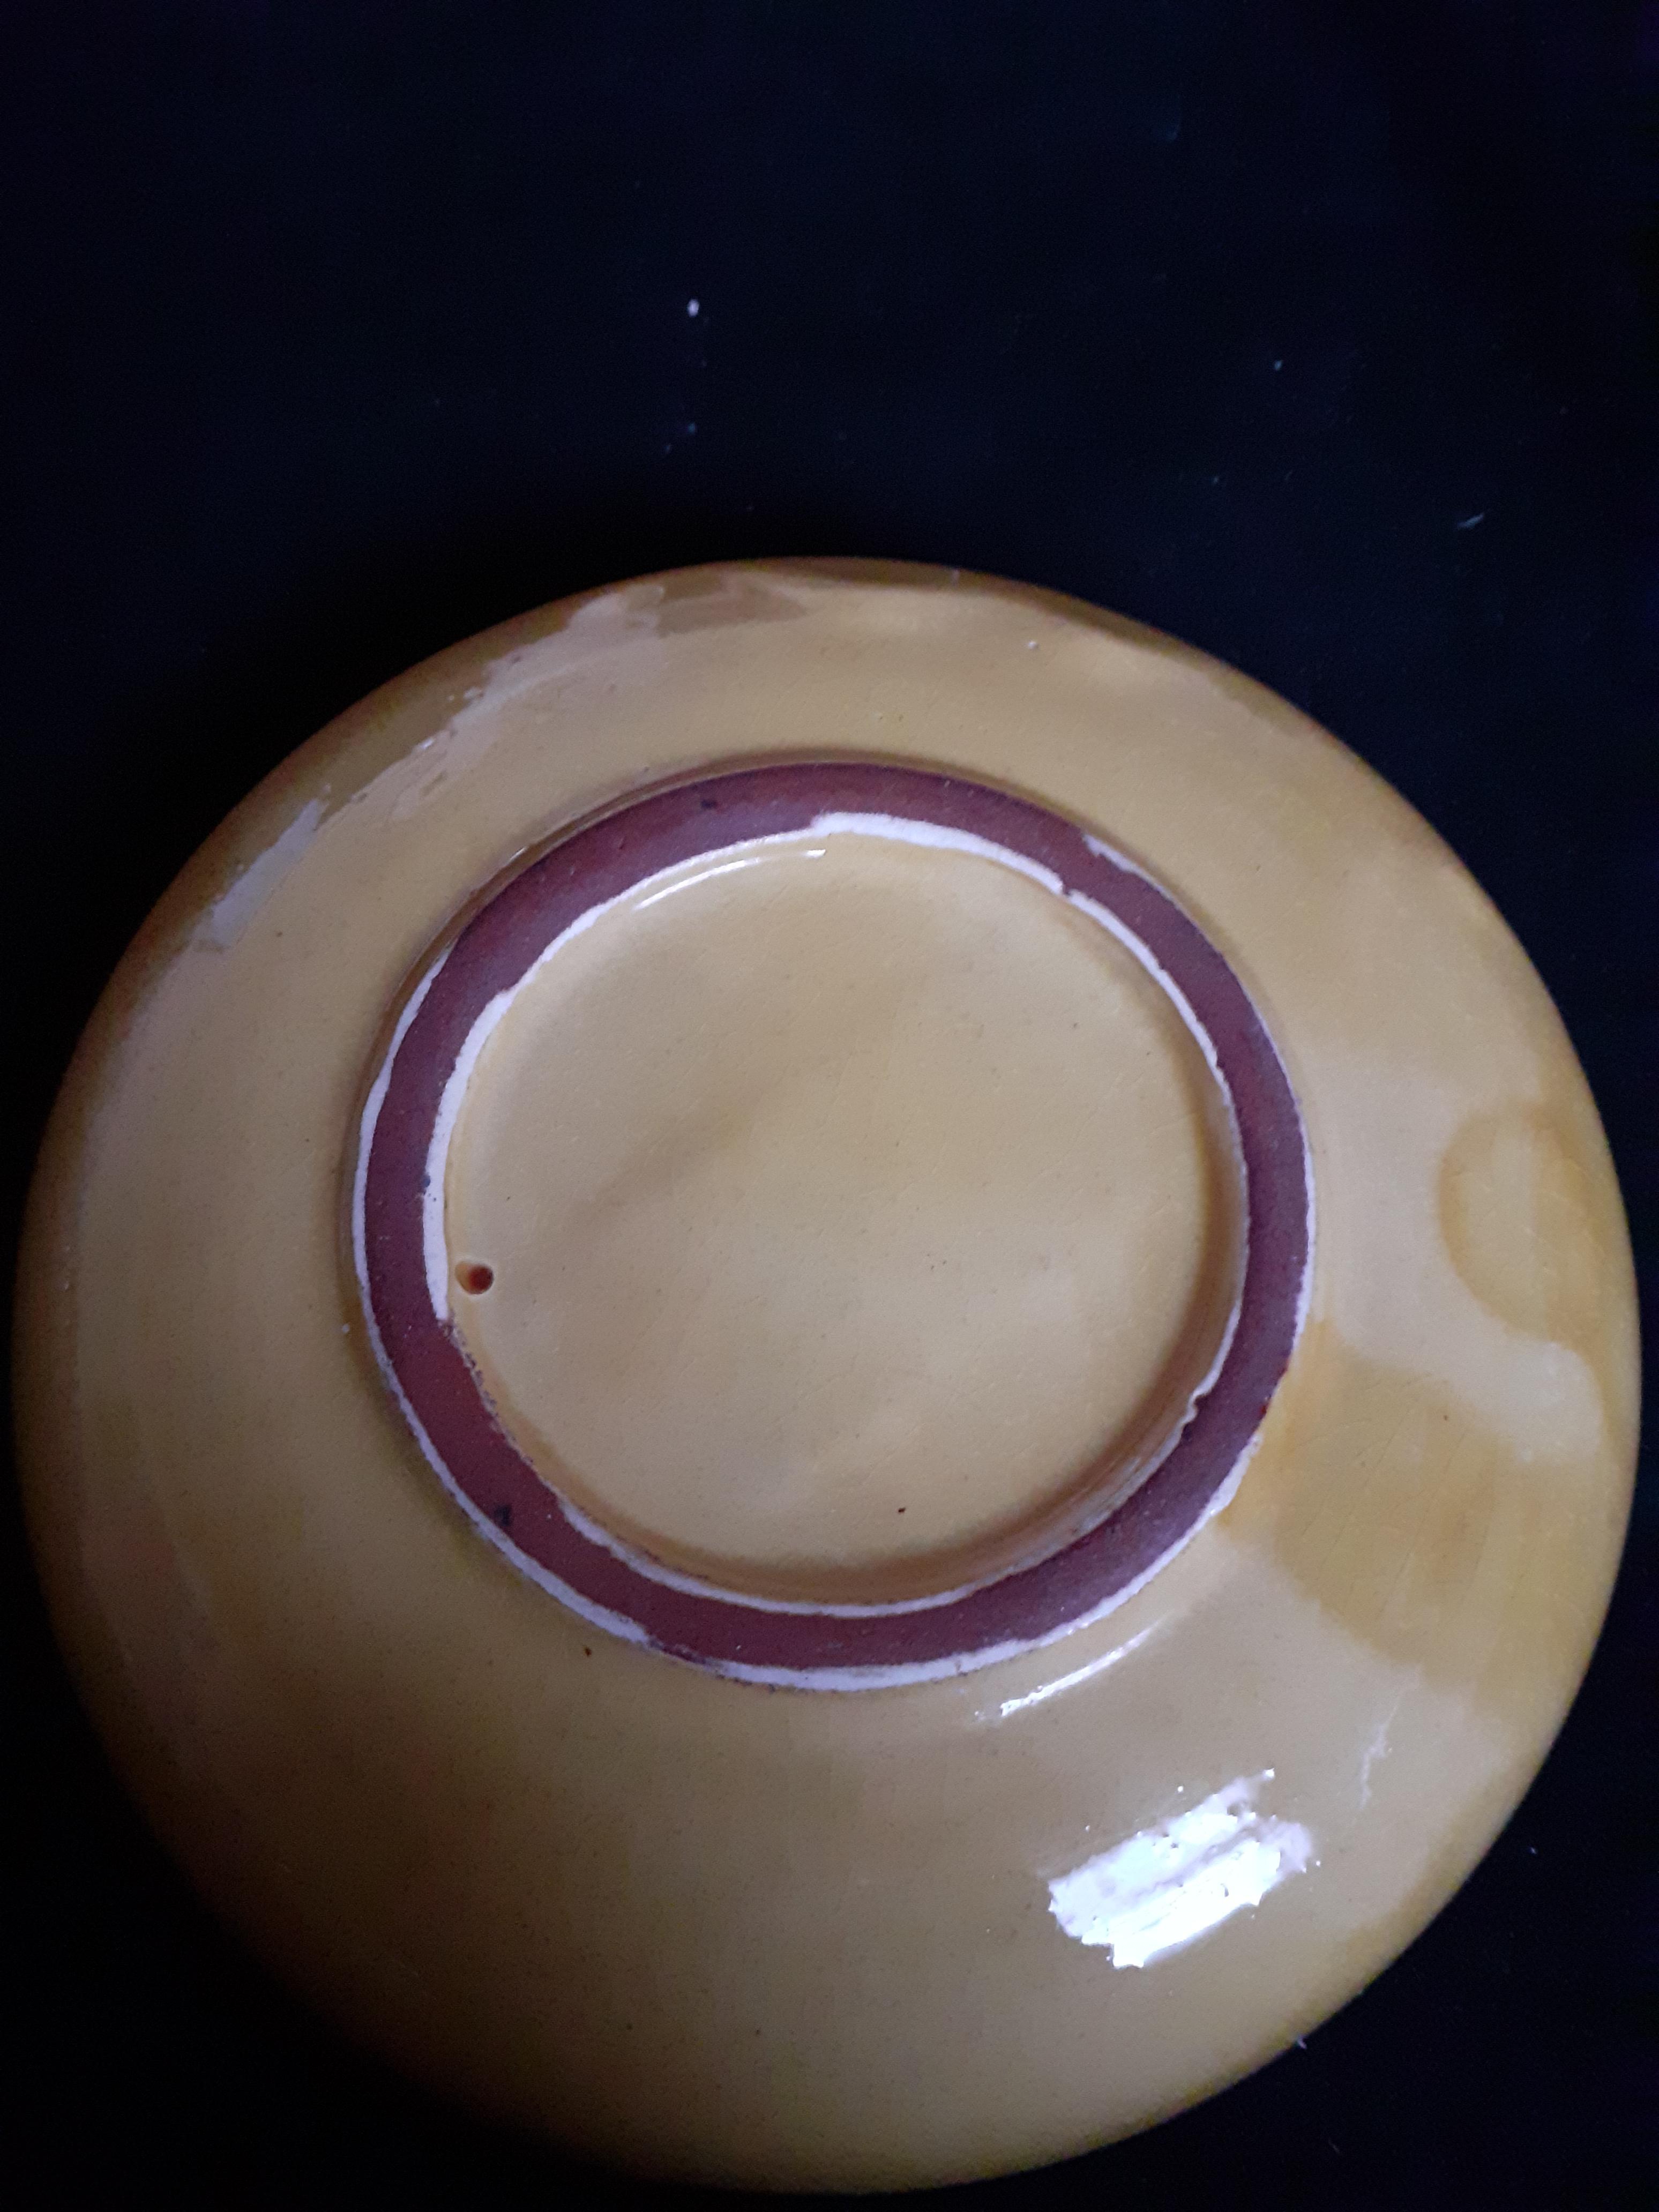 troc de troc coupelle provençale image 1